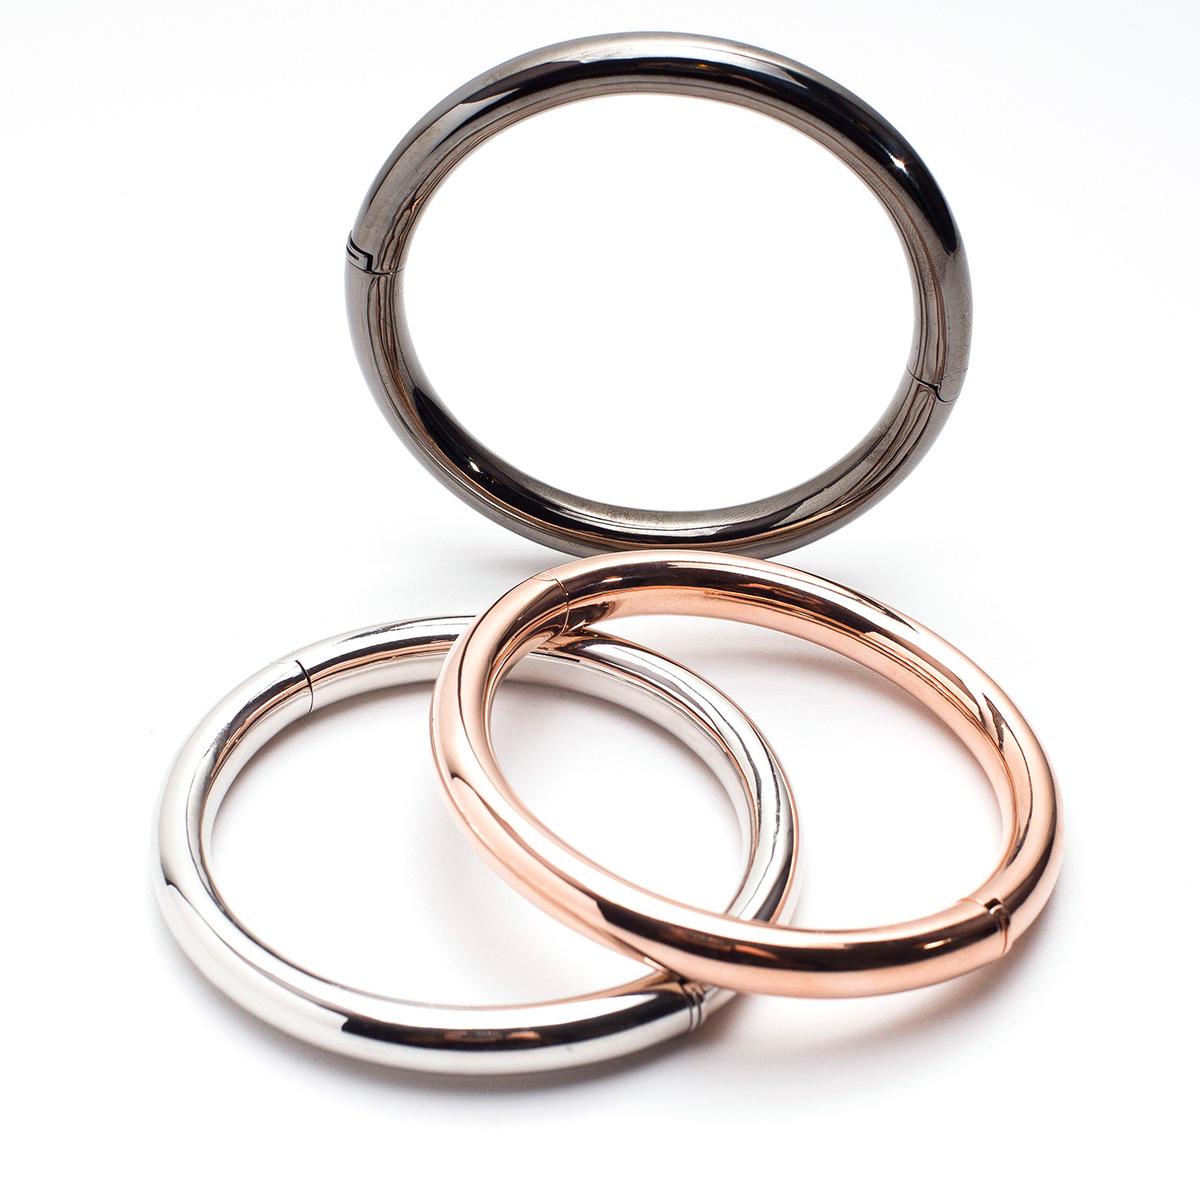 italian collection gioielli in argento e bronzo